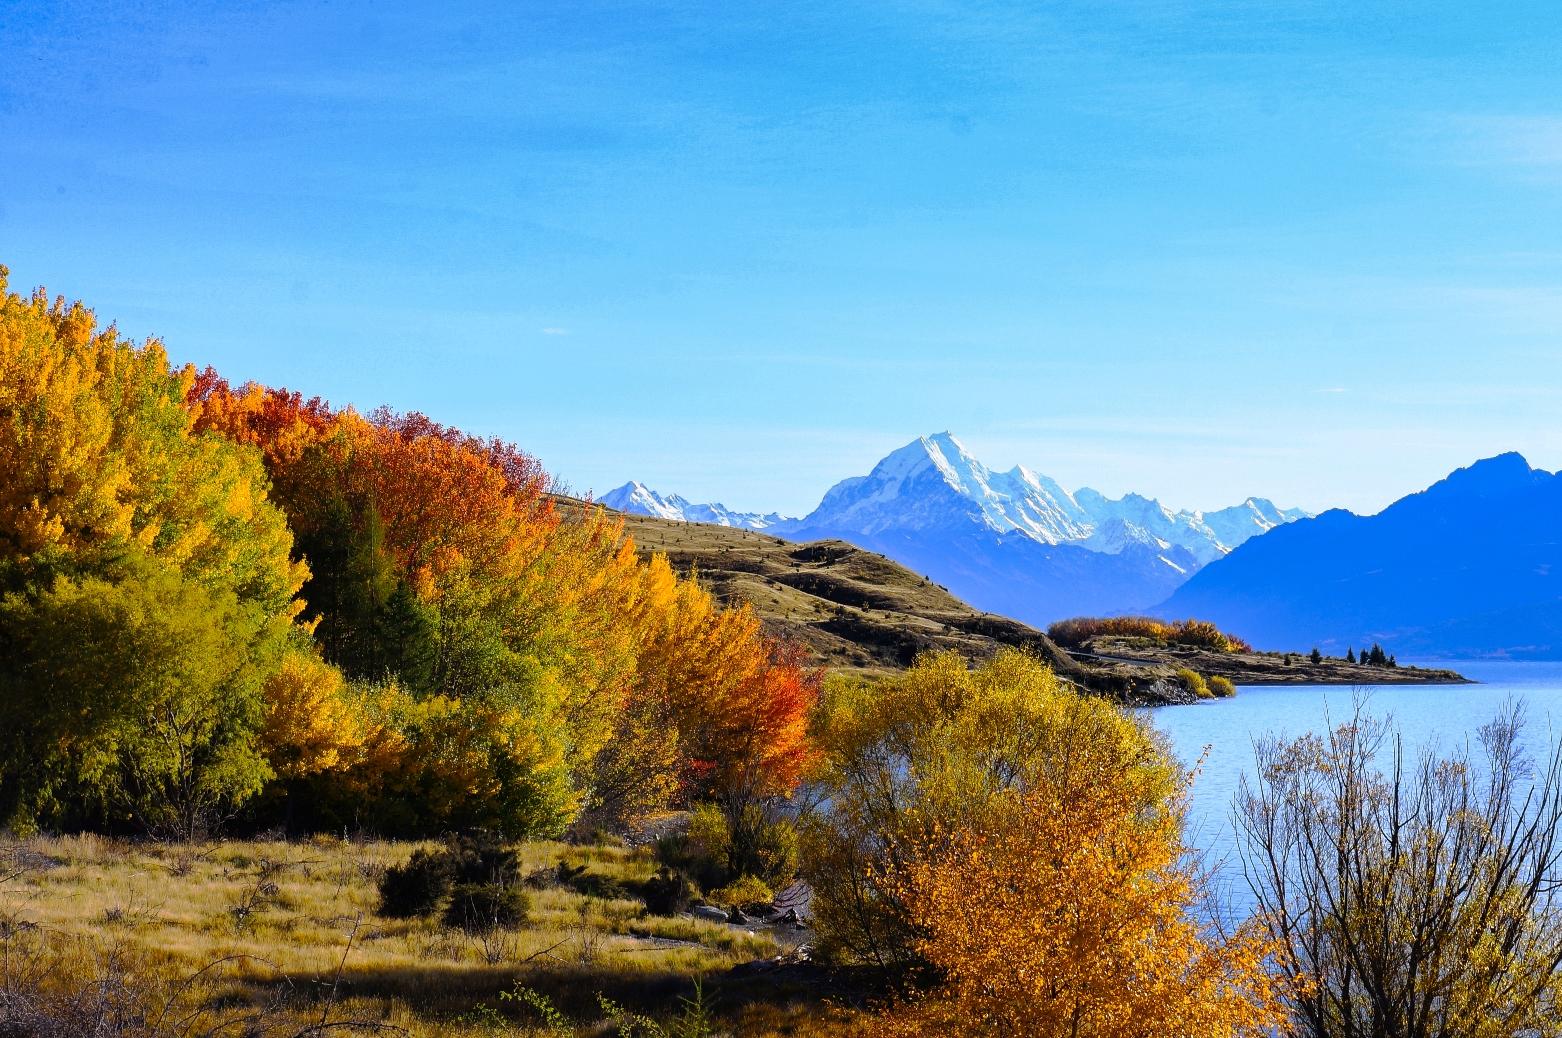 秋の紅葉とNZ最高峰アオラキ/マウントクックの展望をのぞむ(7日目)